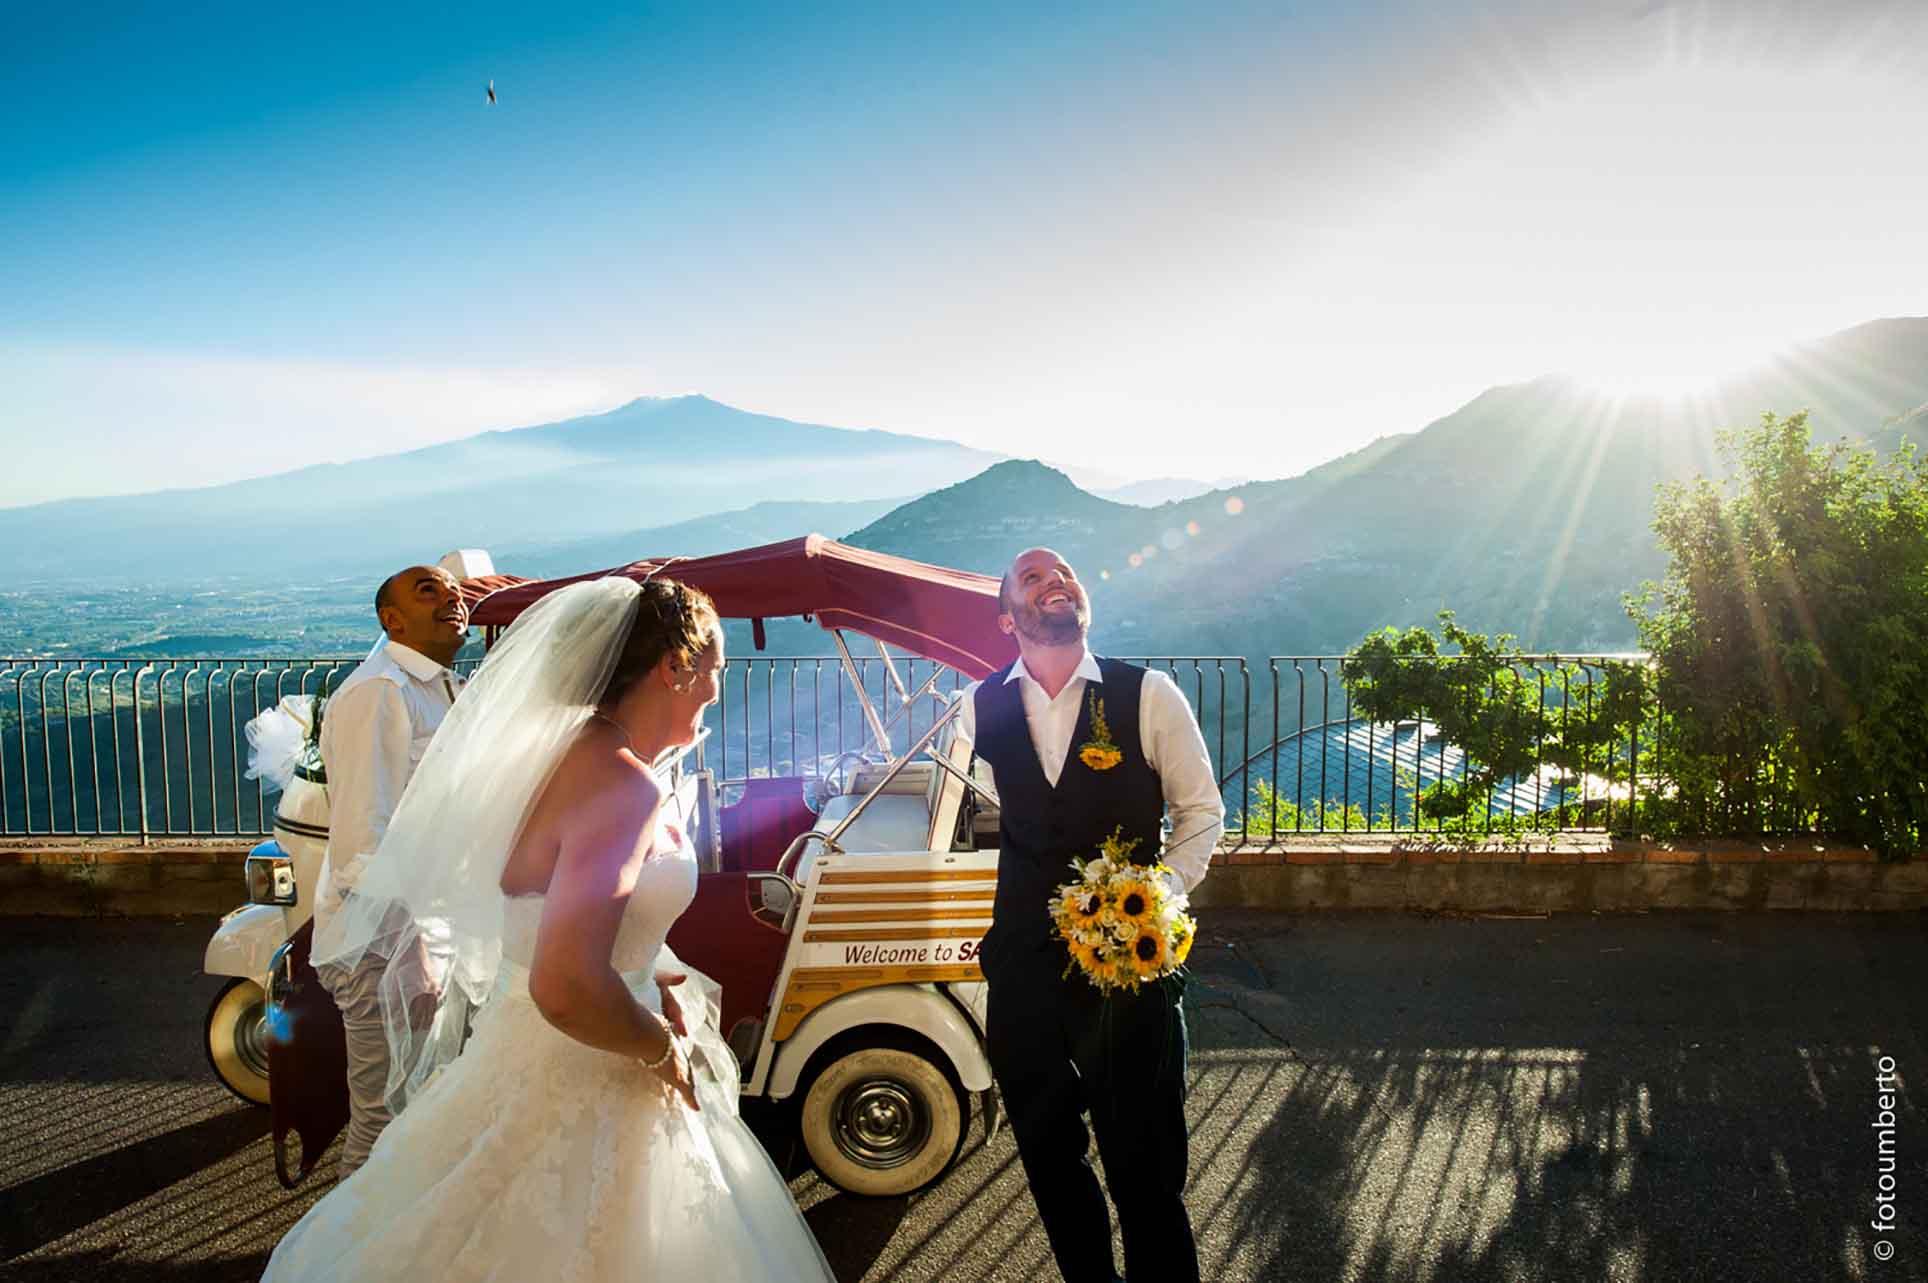 matrimonio taormia